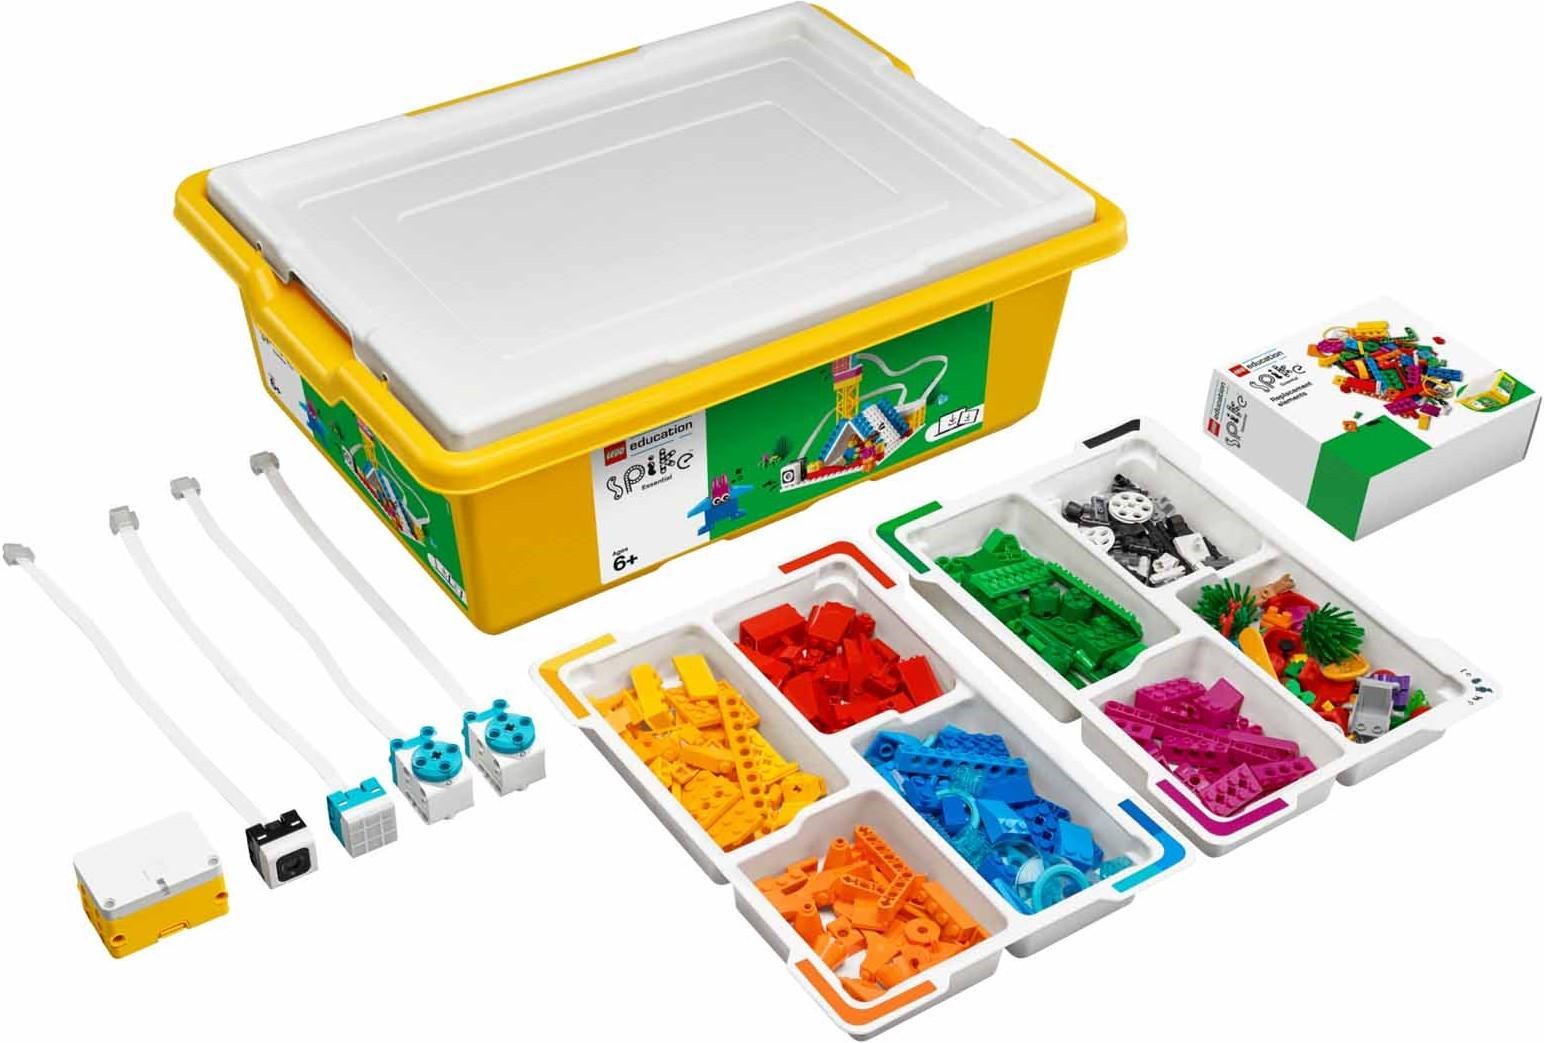 LEGO Spike 5345 Essential Set